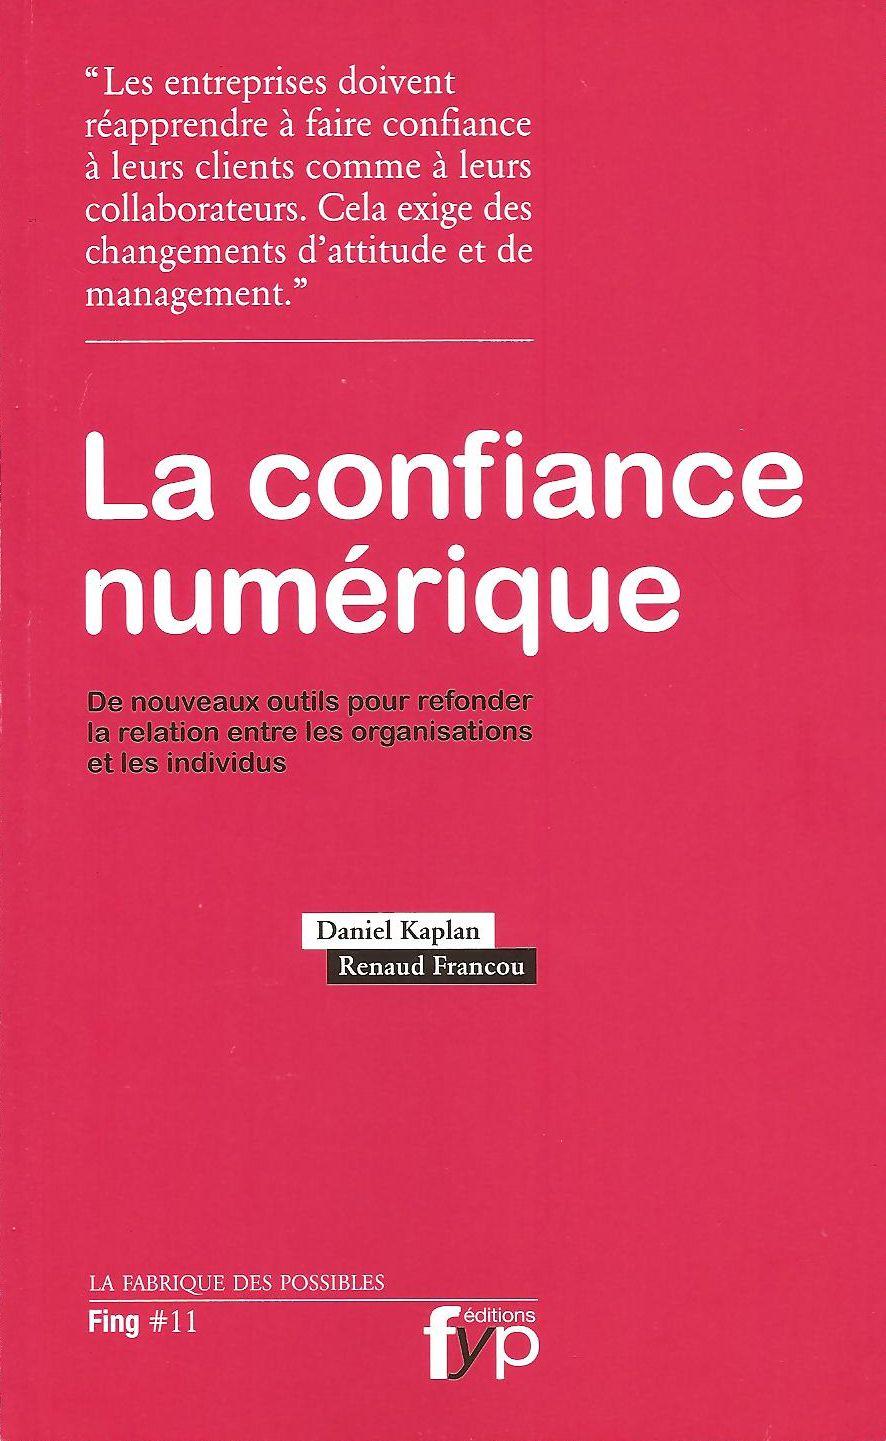 """Critique de l'ouvrage """"La confiance numérique"""", de Daniel Kaplan et Renaud Francou, publié chez FYP"""